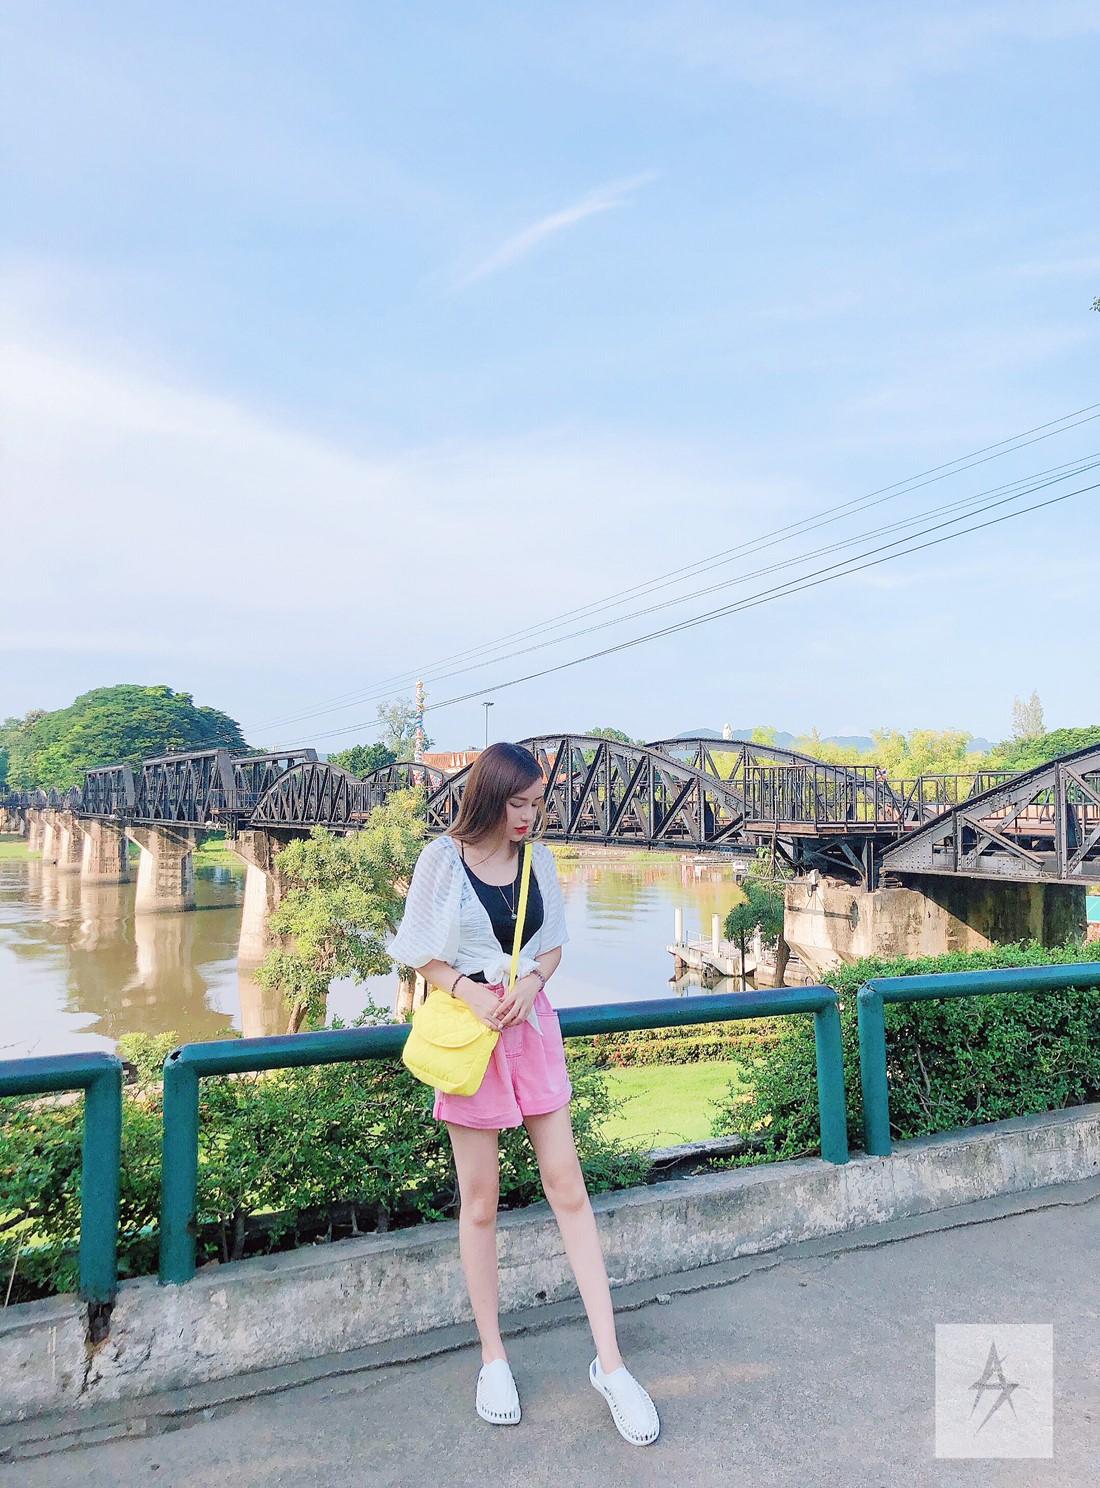 ▲雖然行程都是由旅行社安排,但陳斯亞覺得整趟旅行都非常舒服。